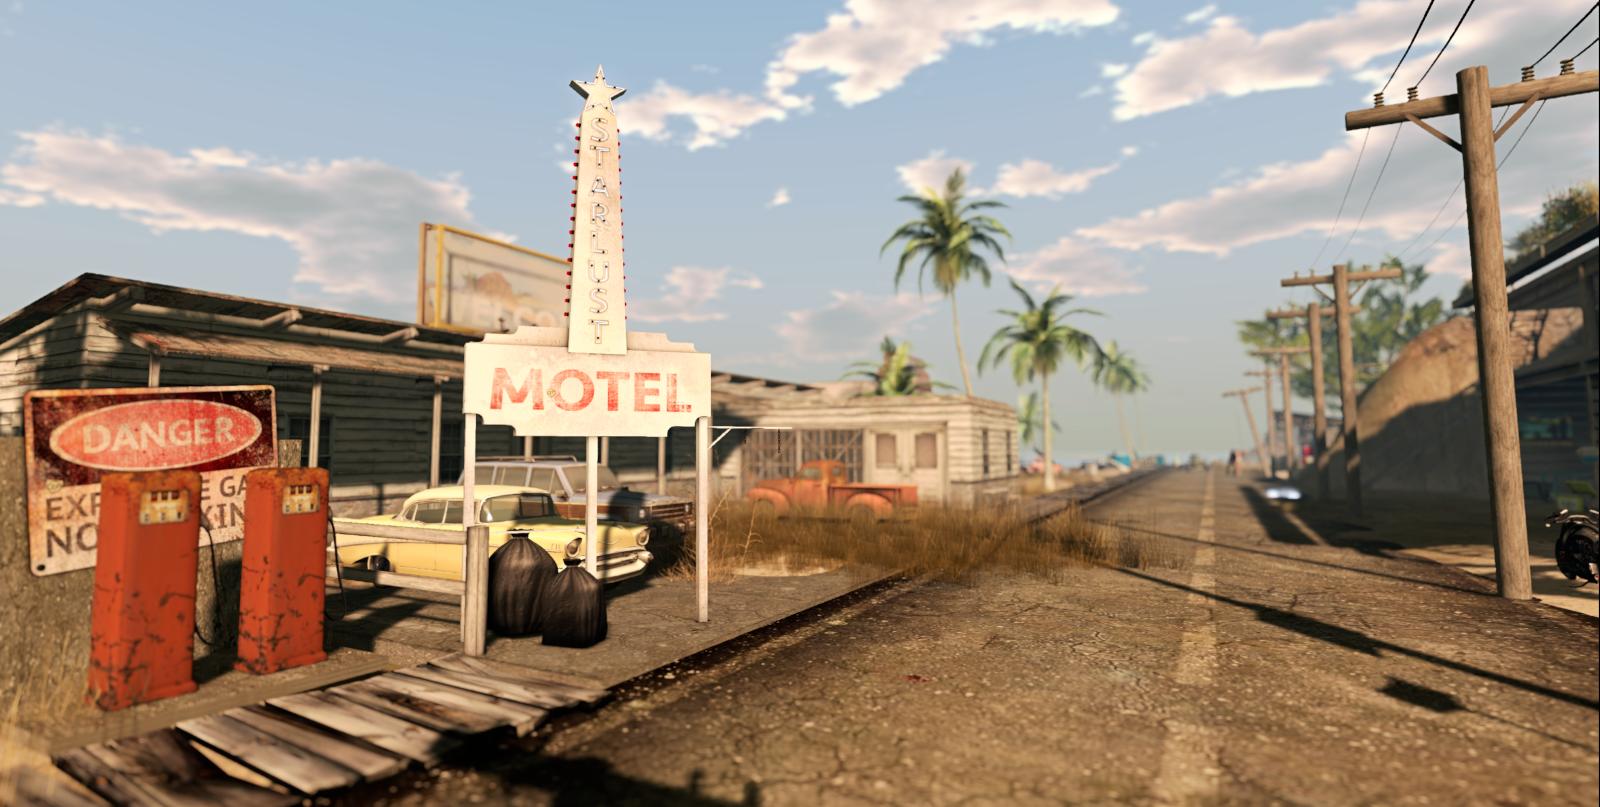 The motel at Aloha Beach